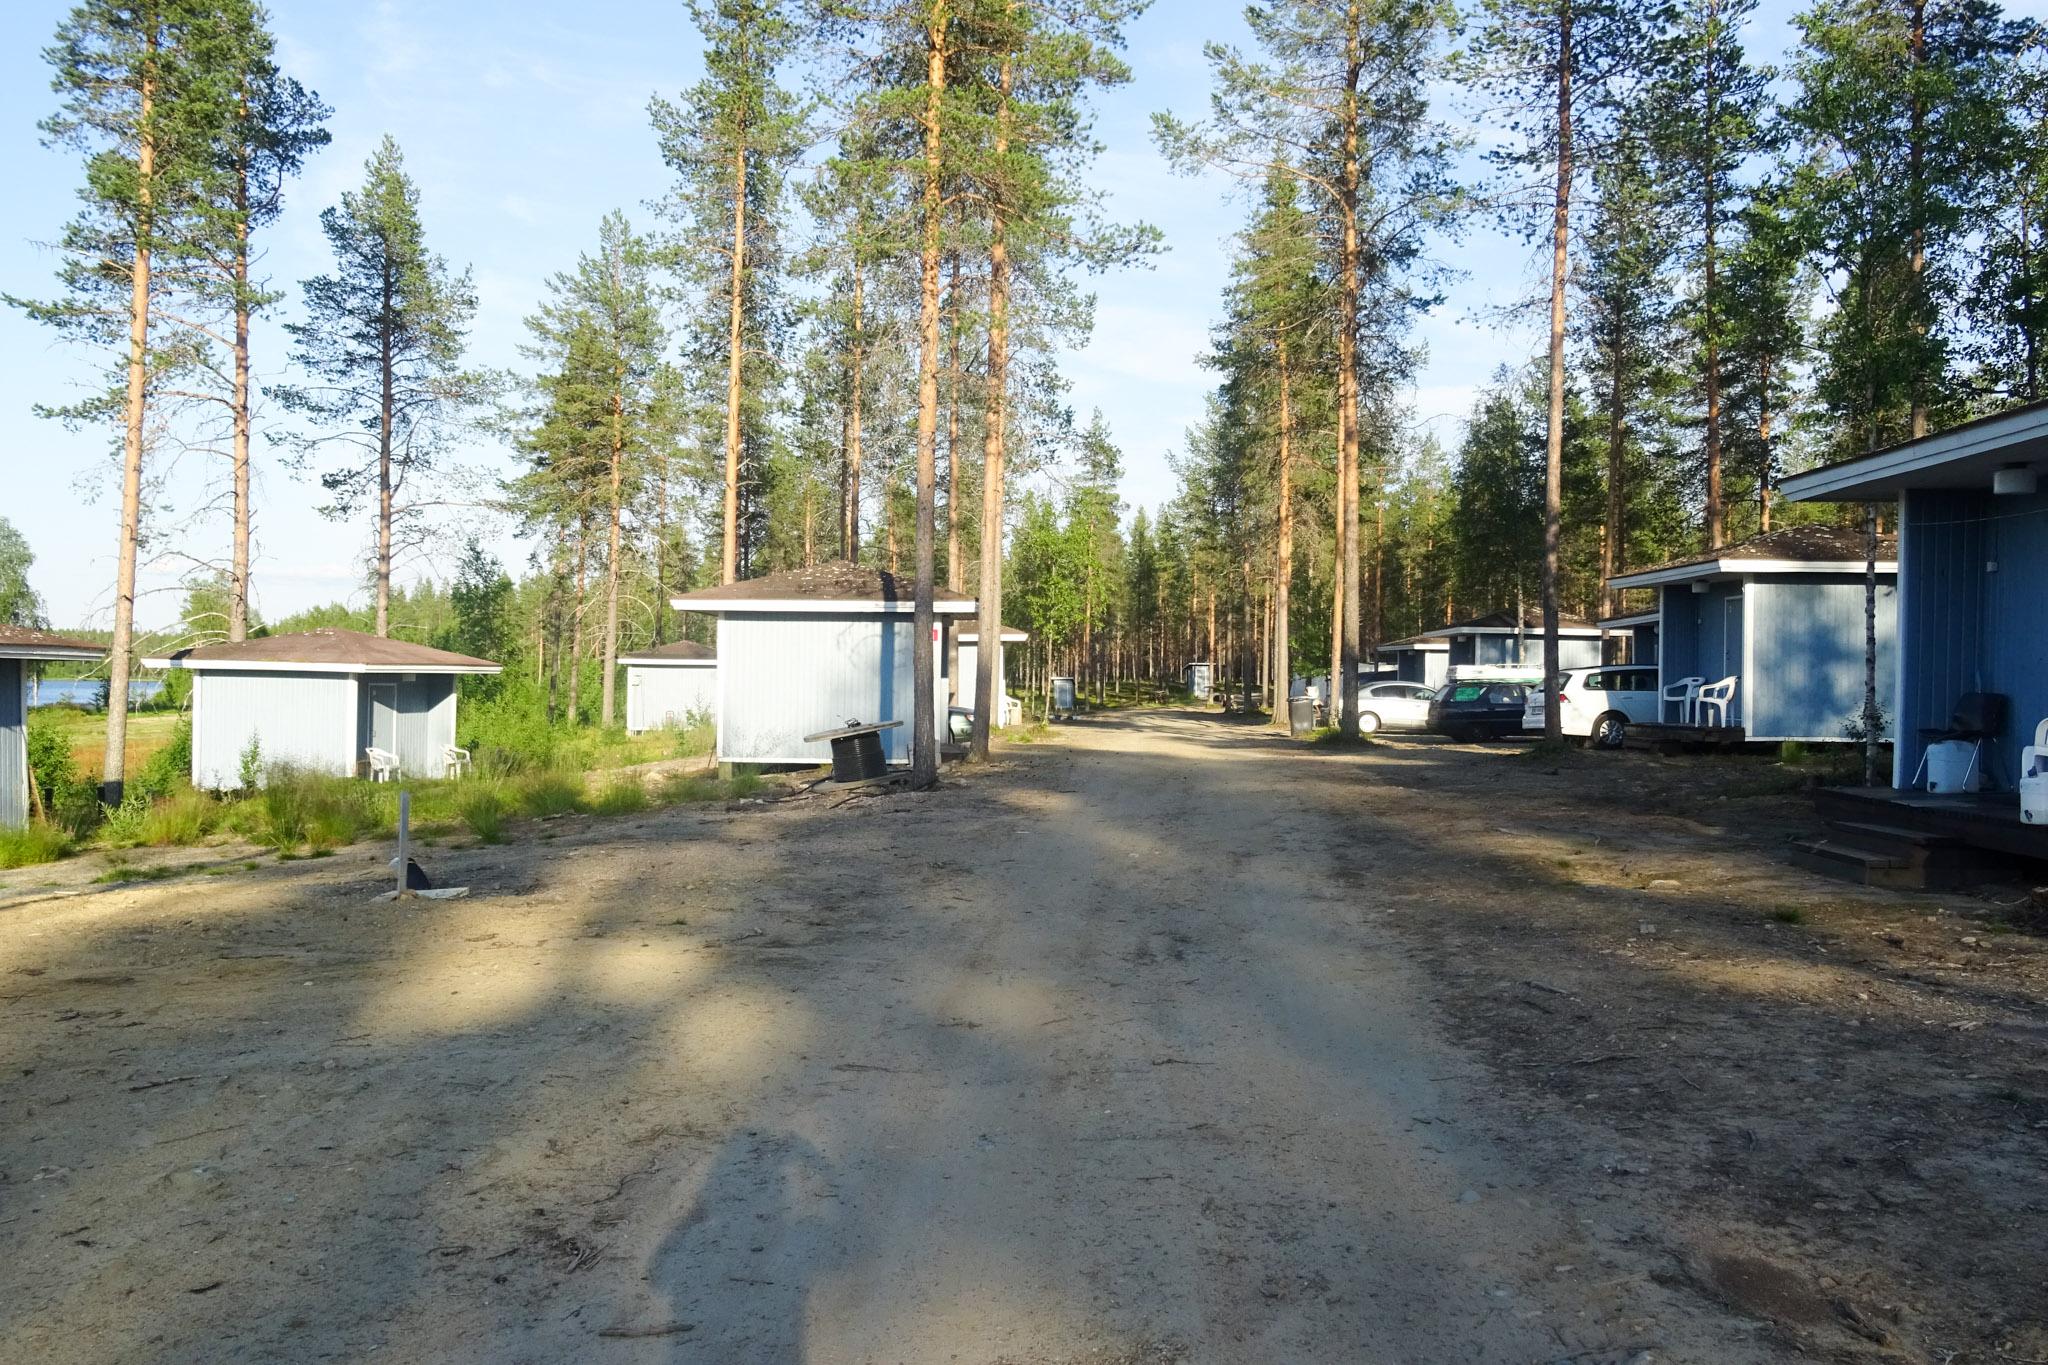 Campingplatz mit Mökkis